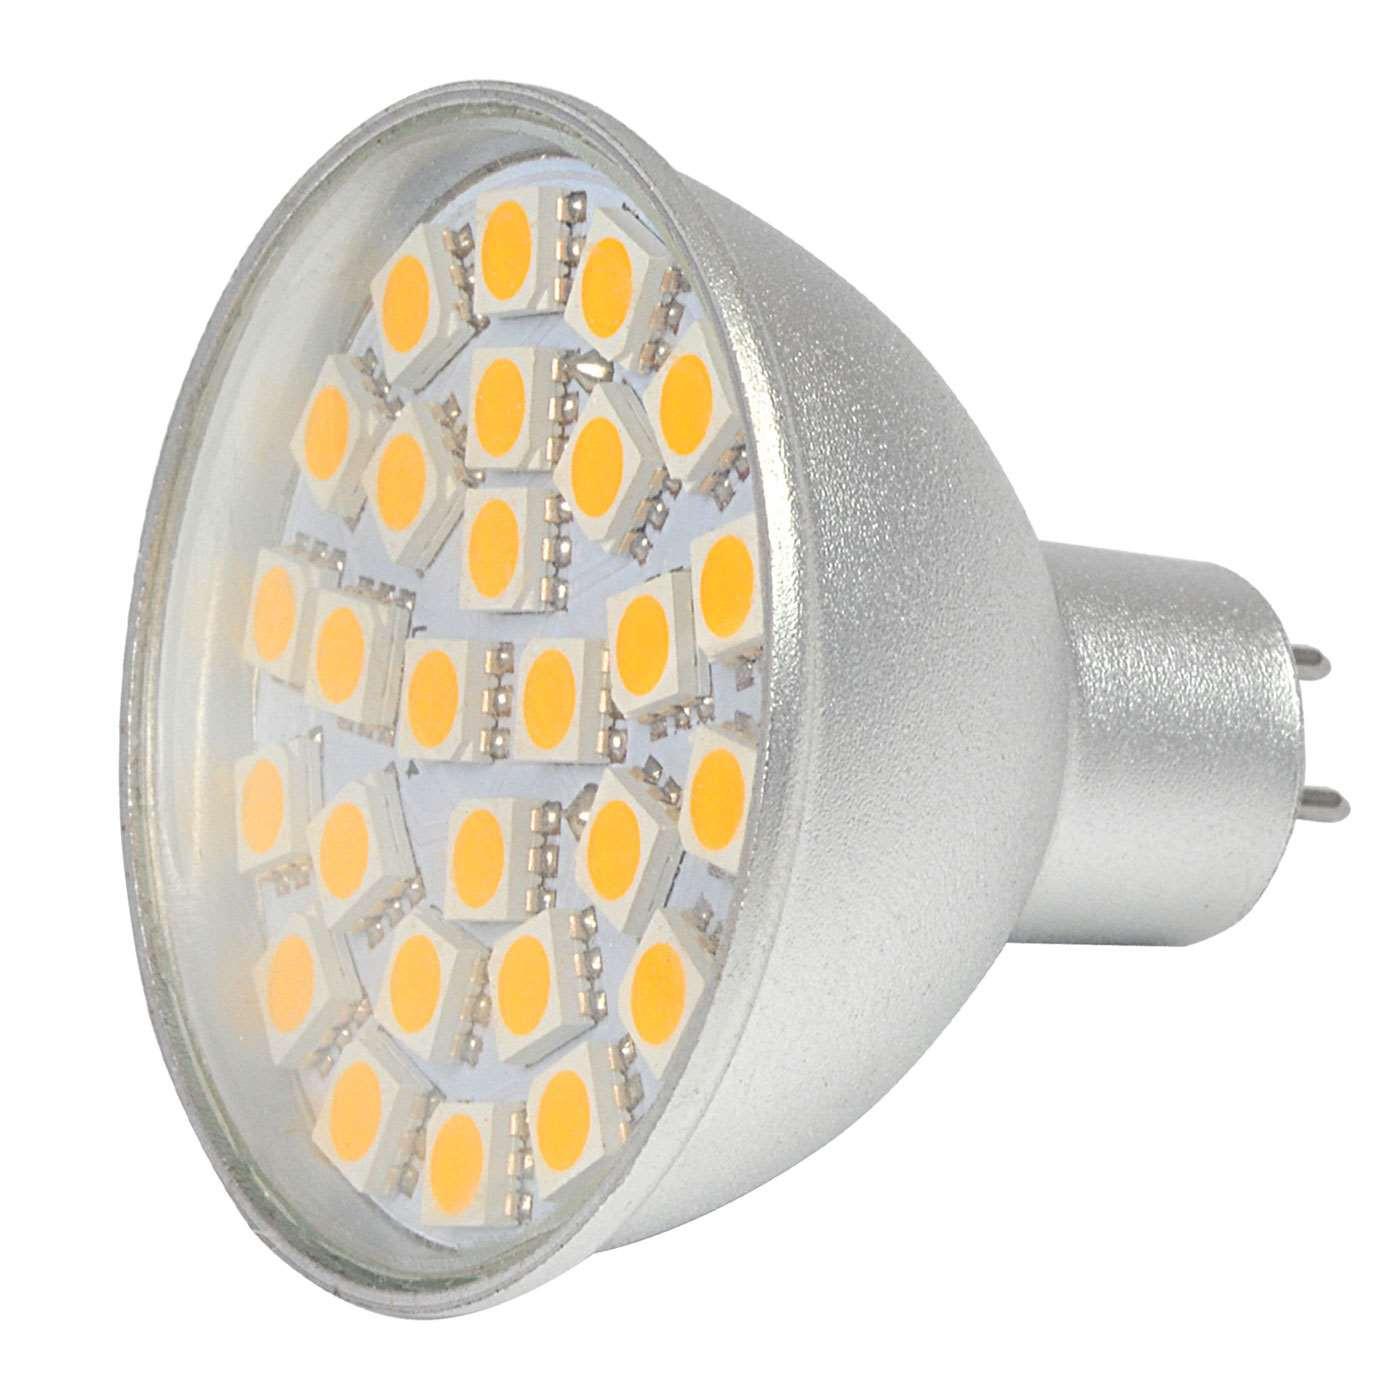 MENGS® MR16 5W LED Spotlight 27x 5050 SMD LEDs LED Lamp Bulb in Cool White Energy-Saving Lamp